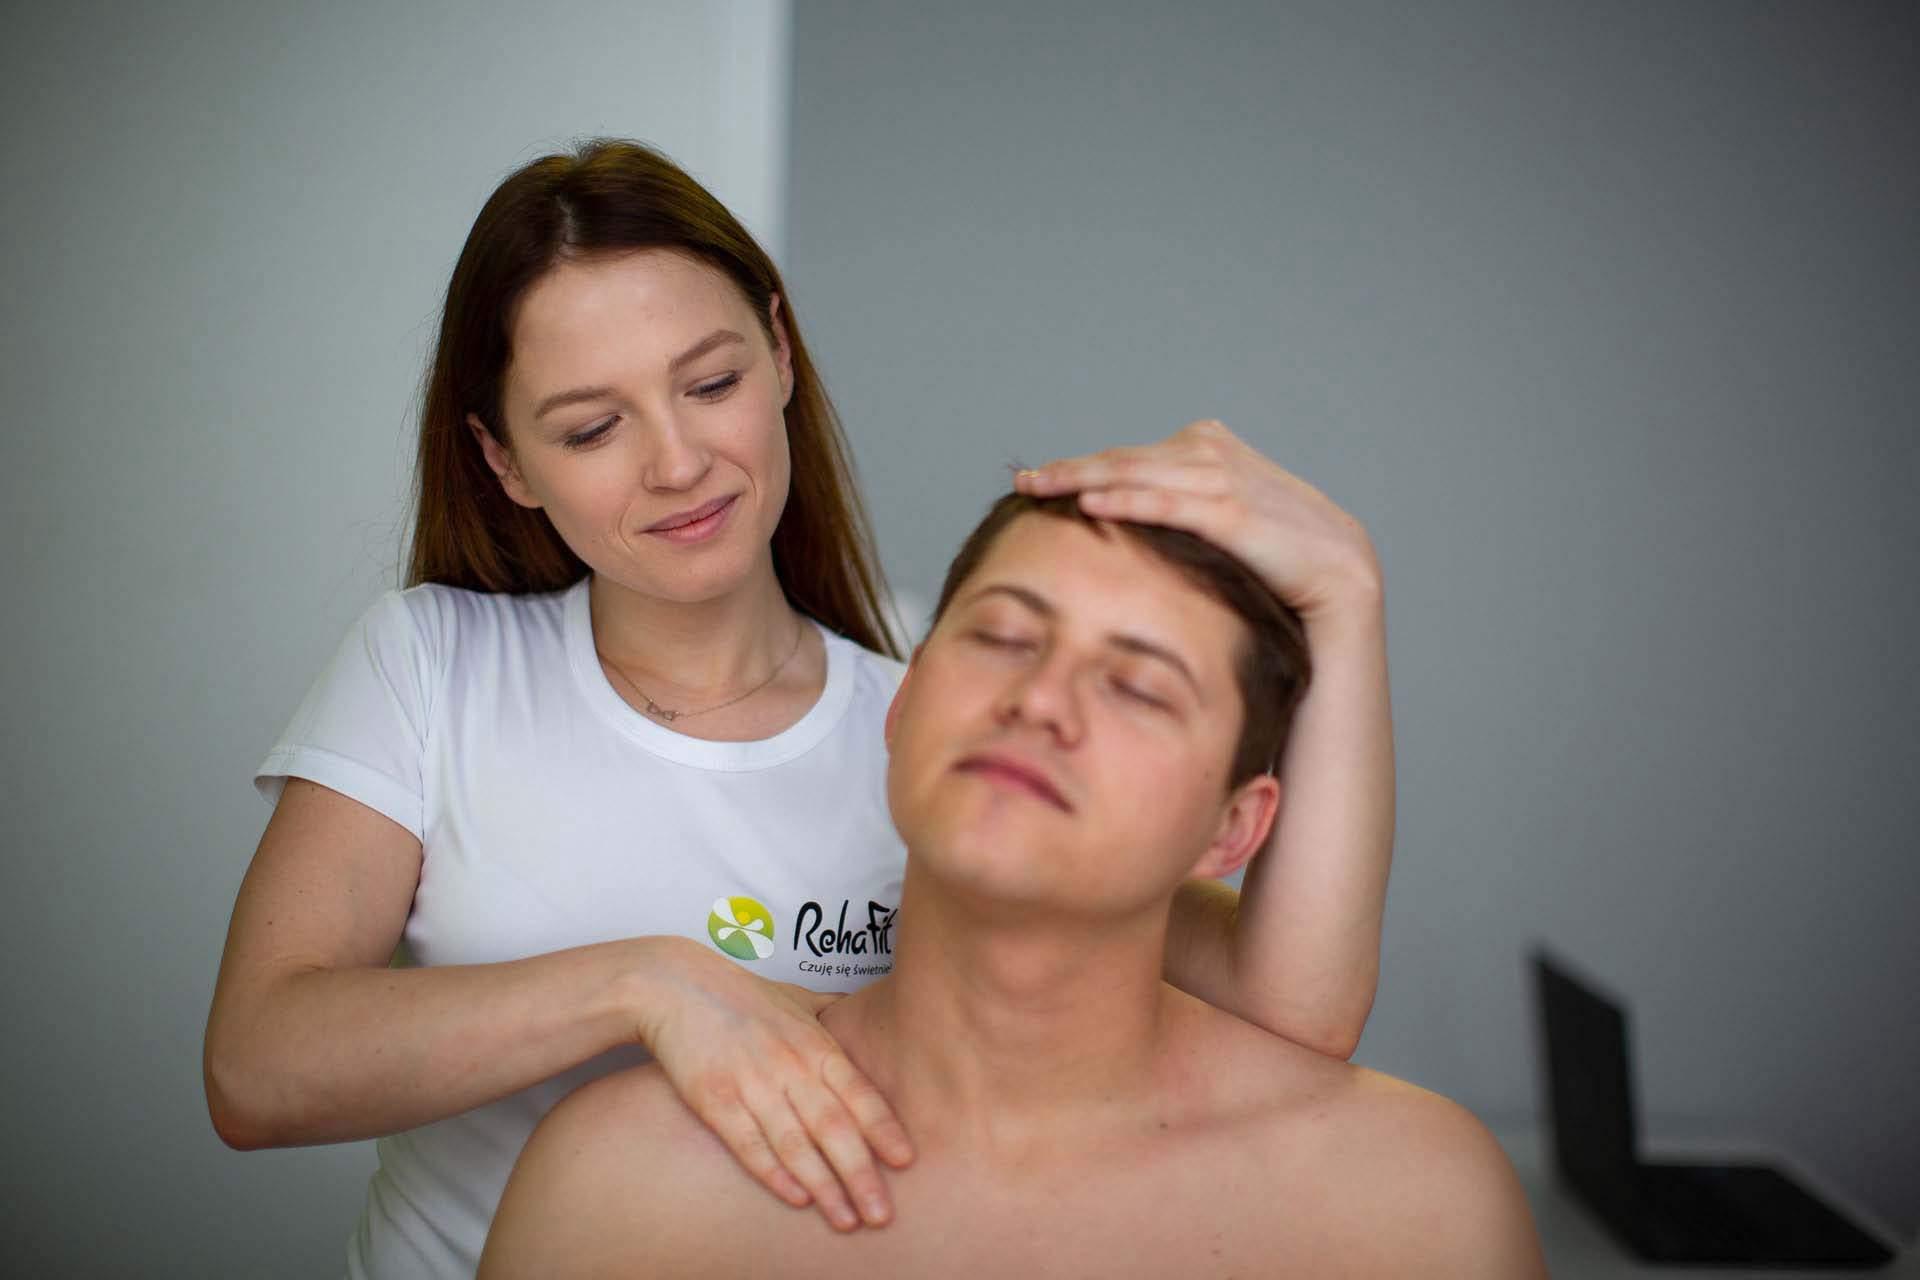 Masażystka wykonującą masaż tkanek głębokich.